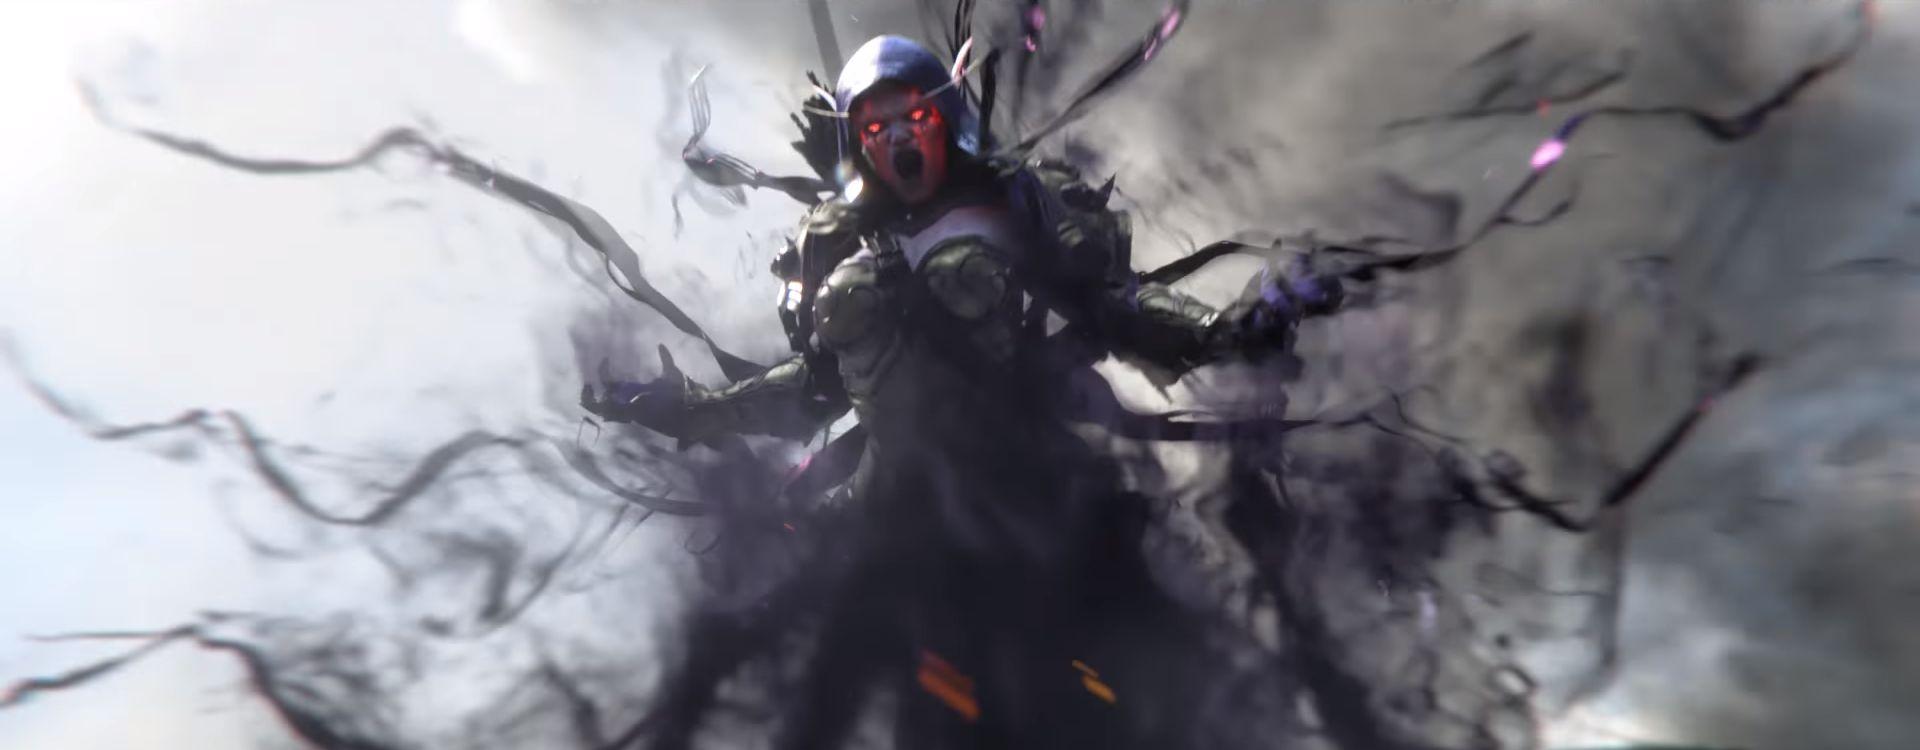 Der Krieg der Dornen erhitzt Gemüter der WoW-Spieler: Ist Sylvanas böse?